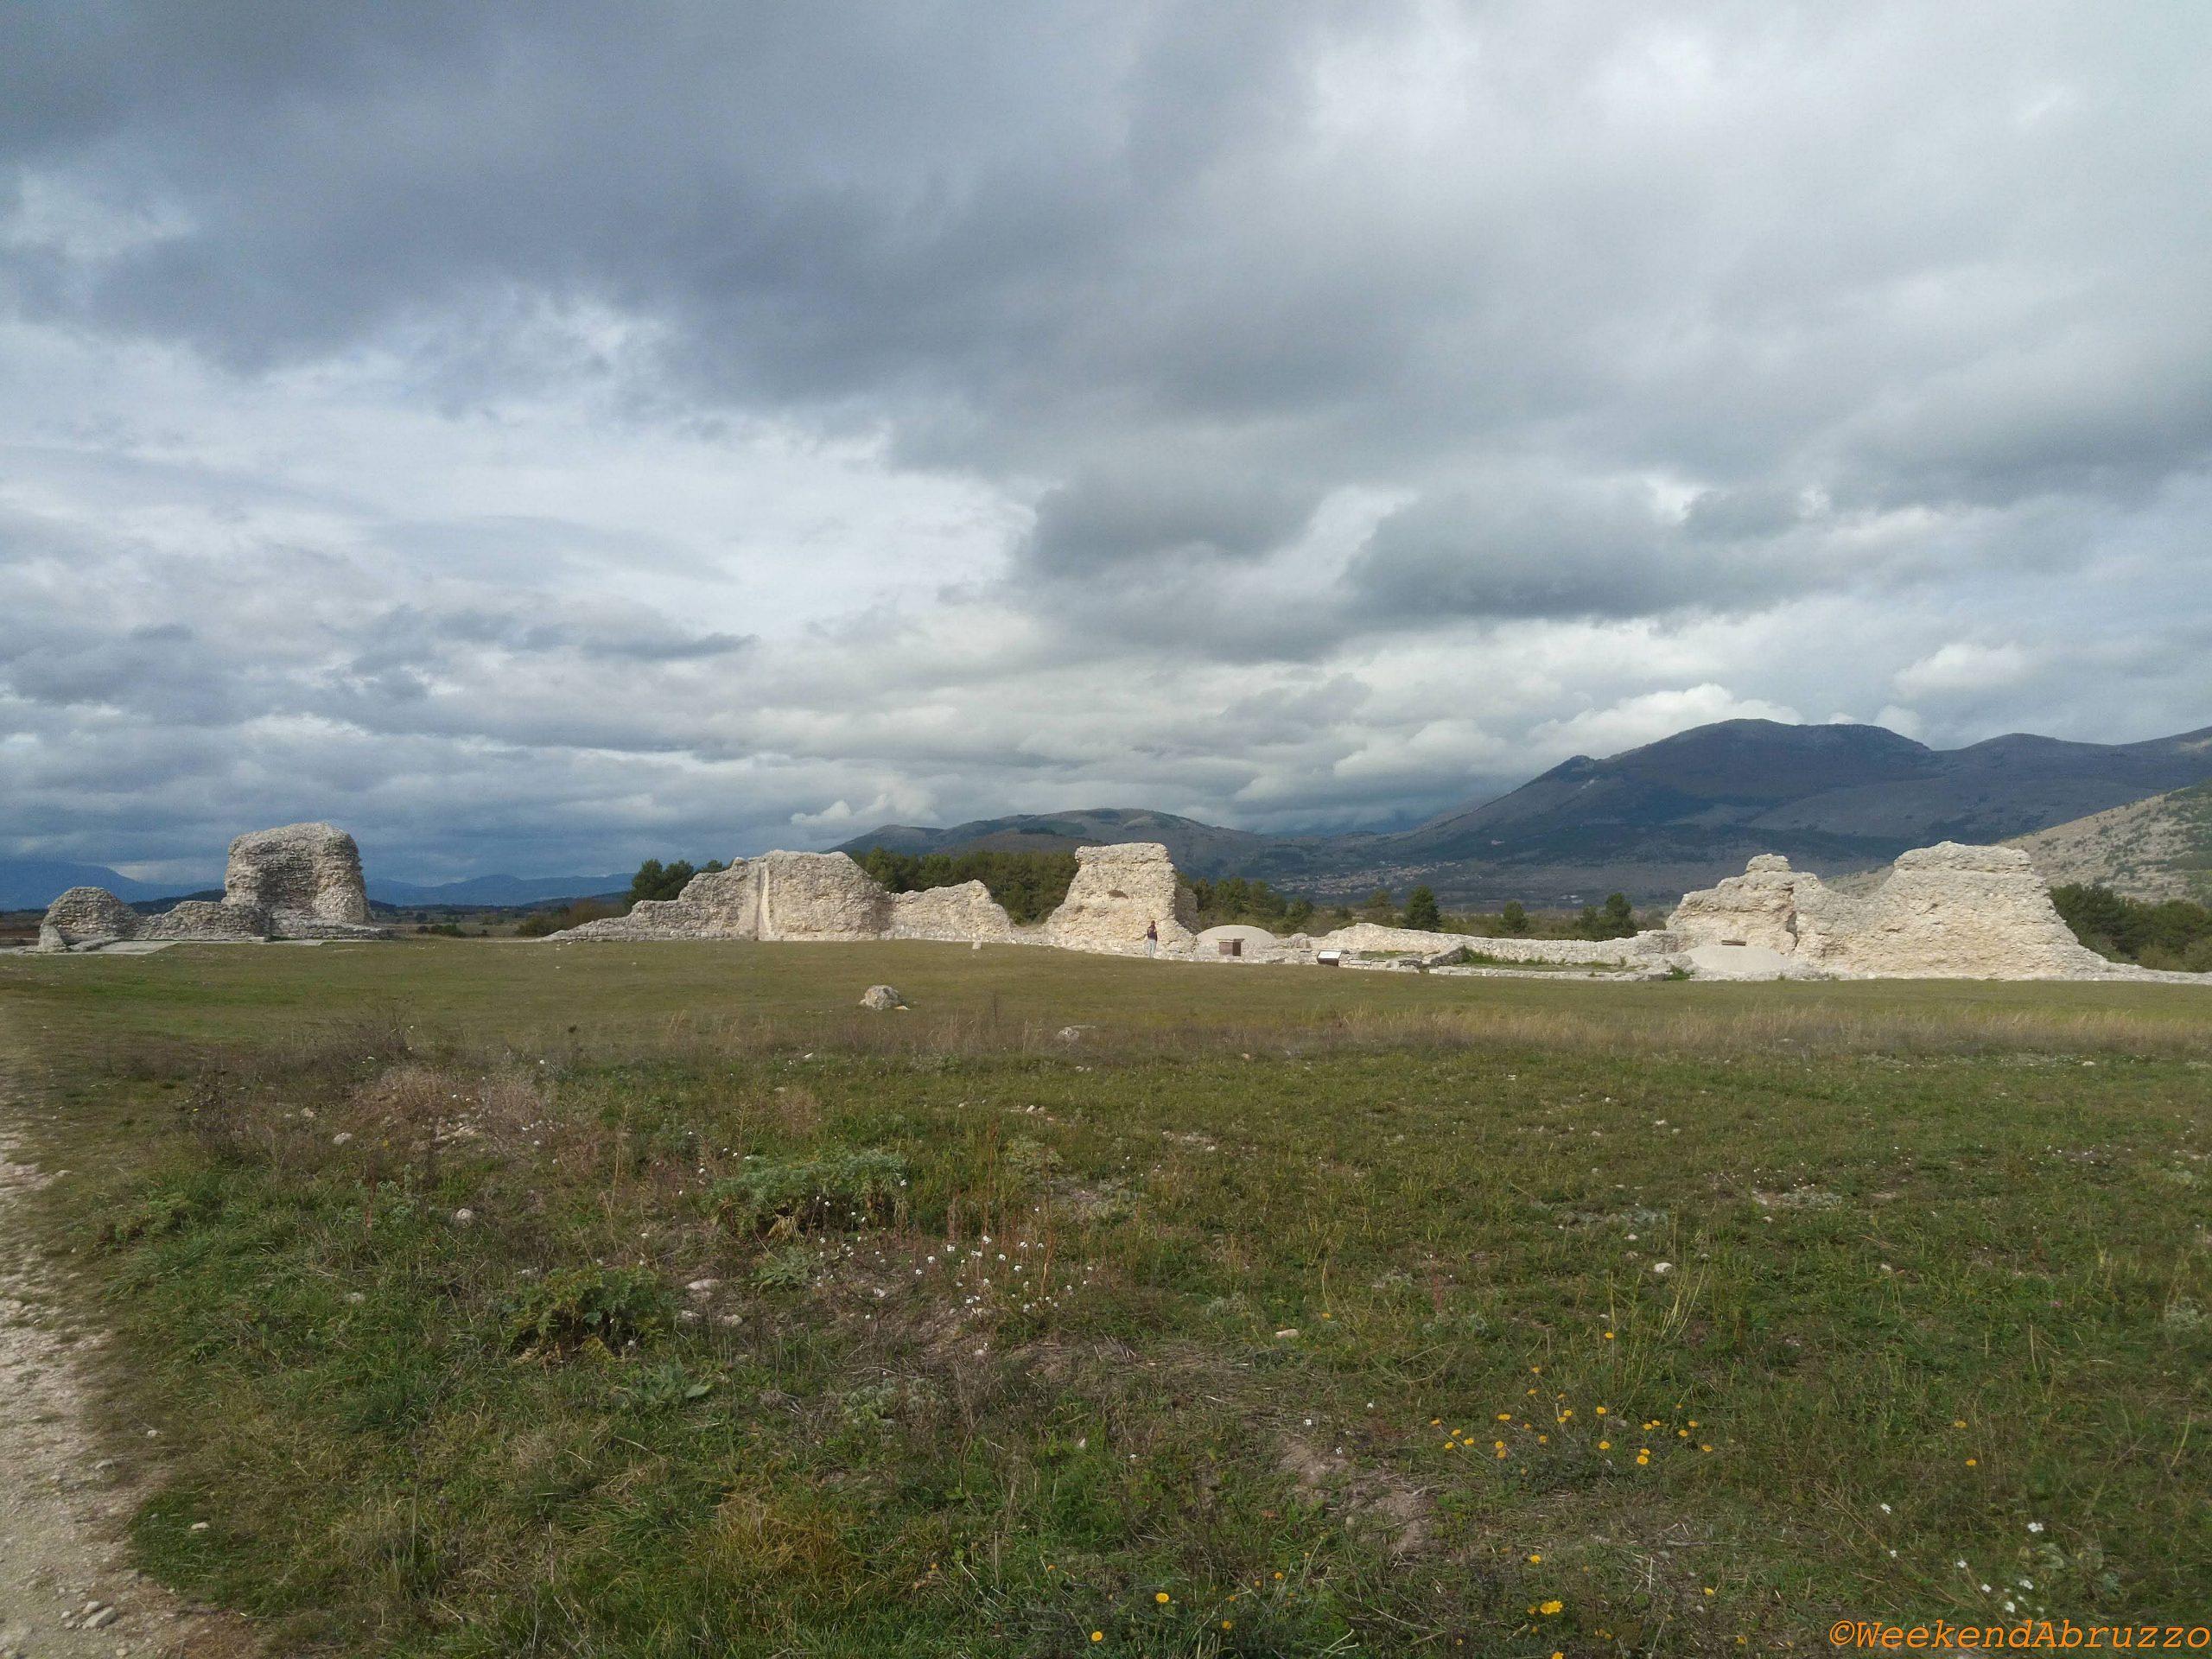 Peltuinum: sito archeologico romano nella zona aquilana in Abruzzo